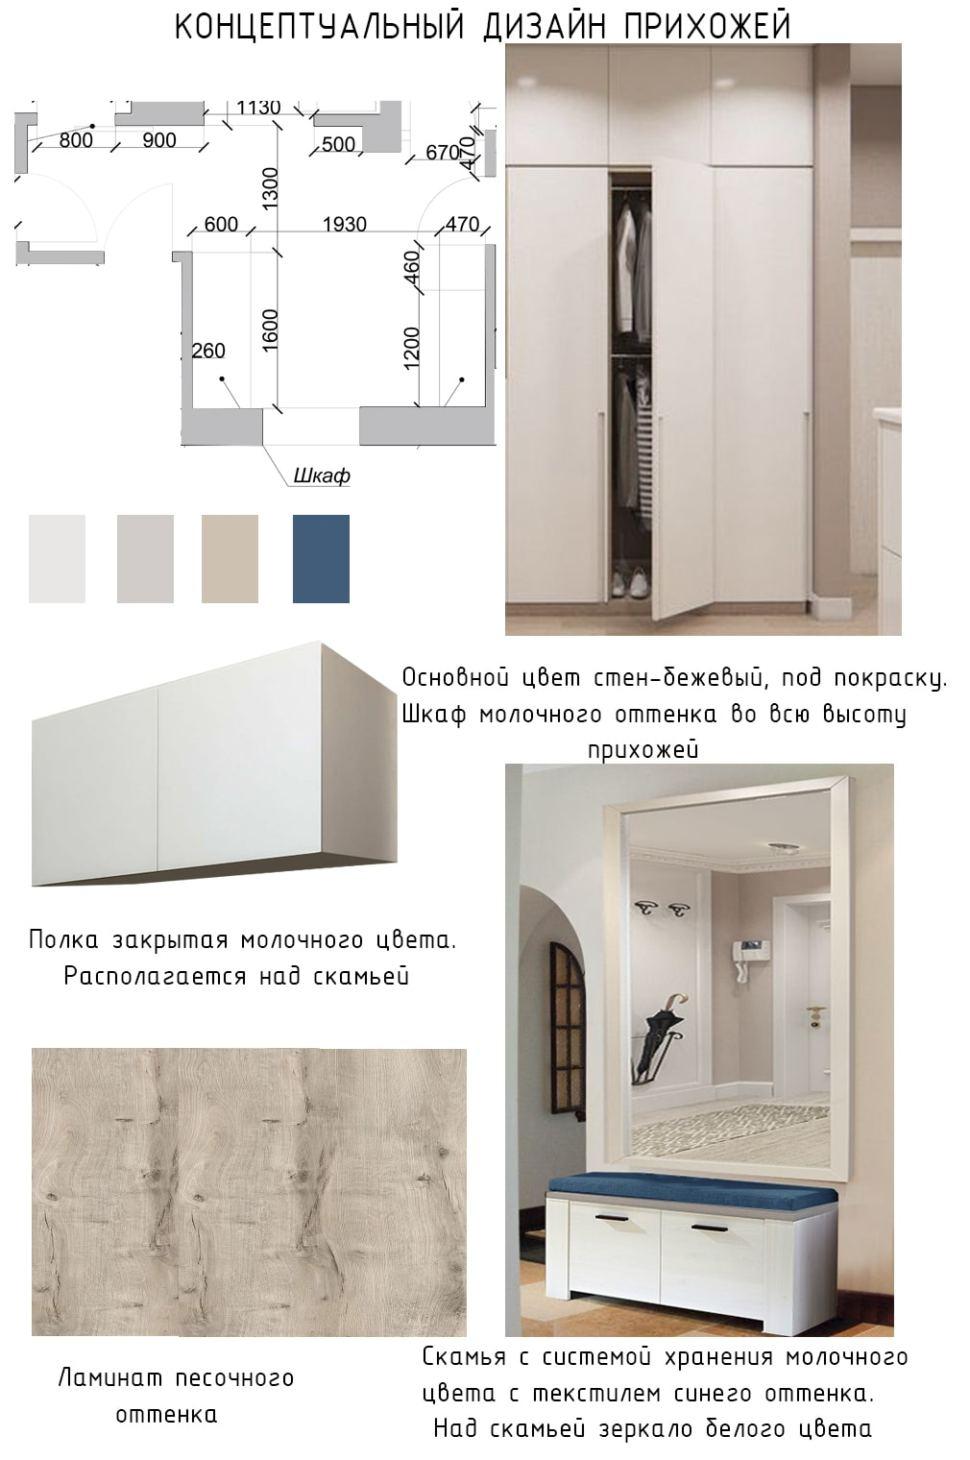 Концептуальный дизайн прихожей 11 кв.м, полка, ламинат песочного цвета, белая скамья, шкаф молочного оттенка